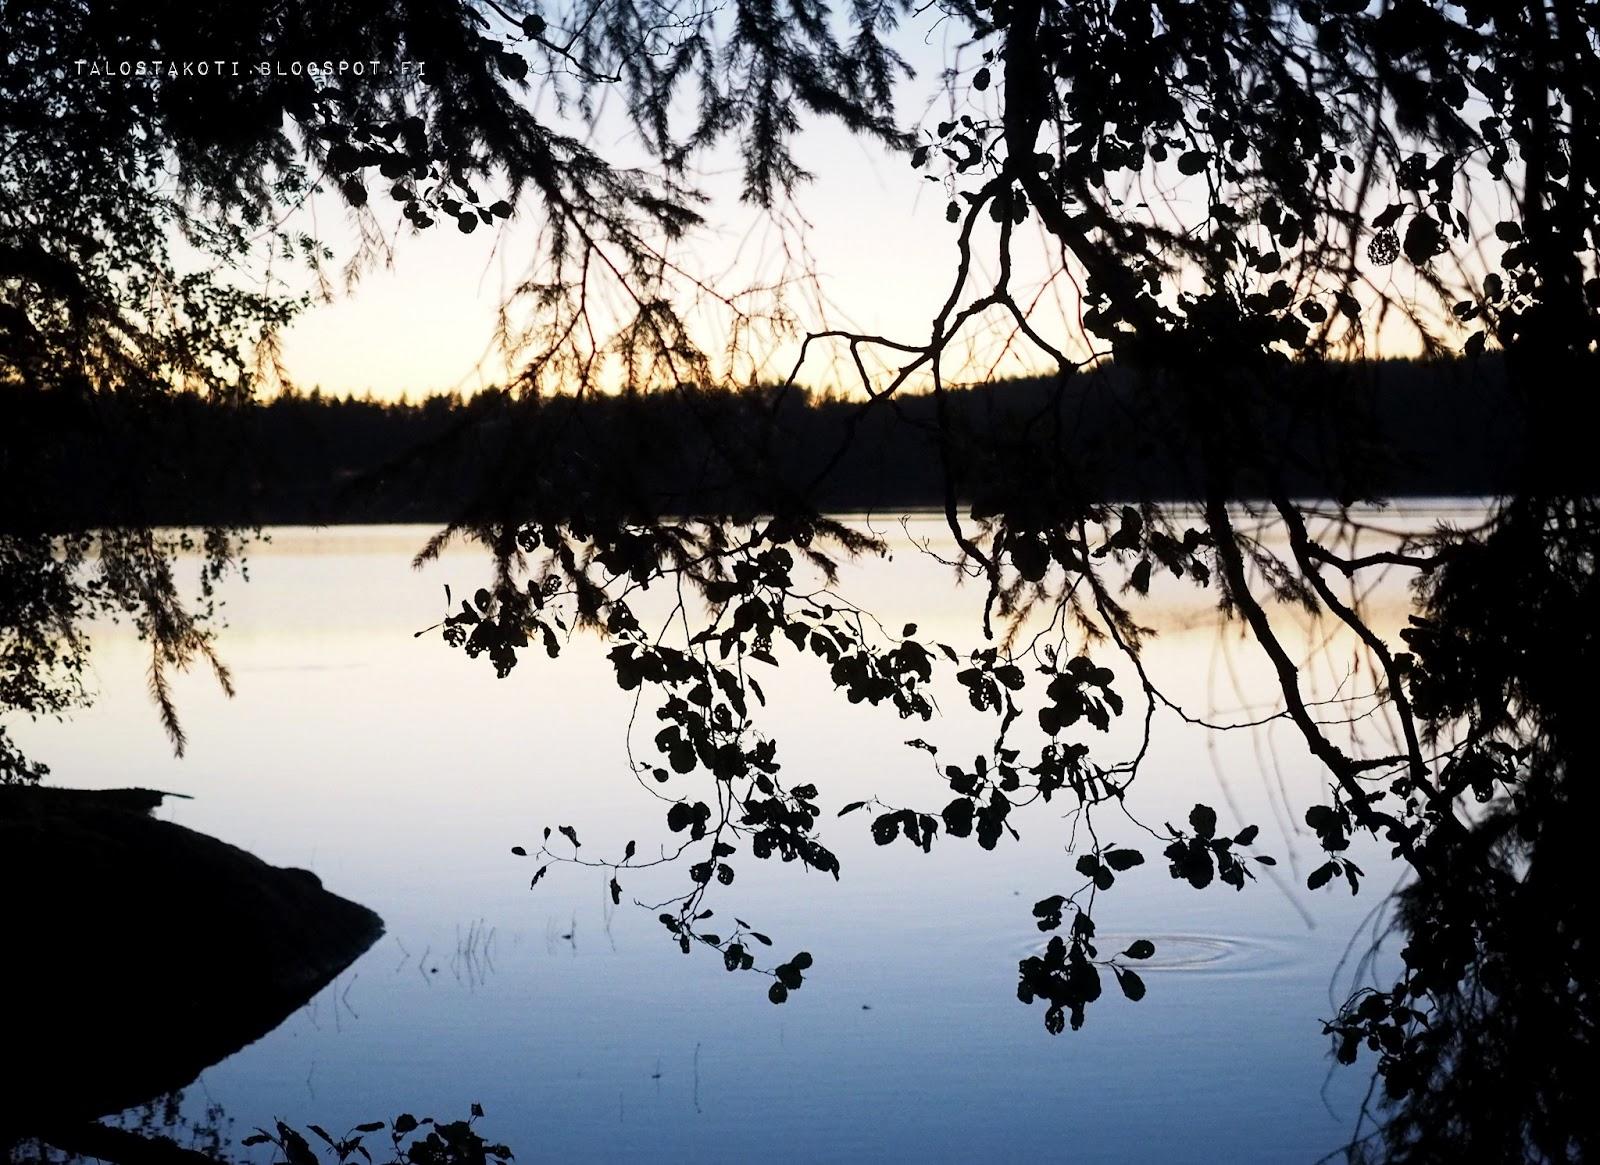 Järvimaisema, iltahämärä